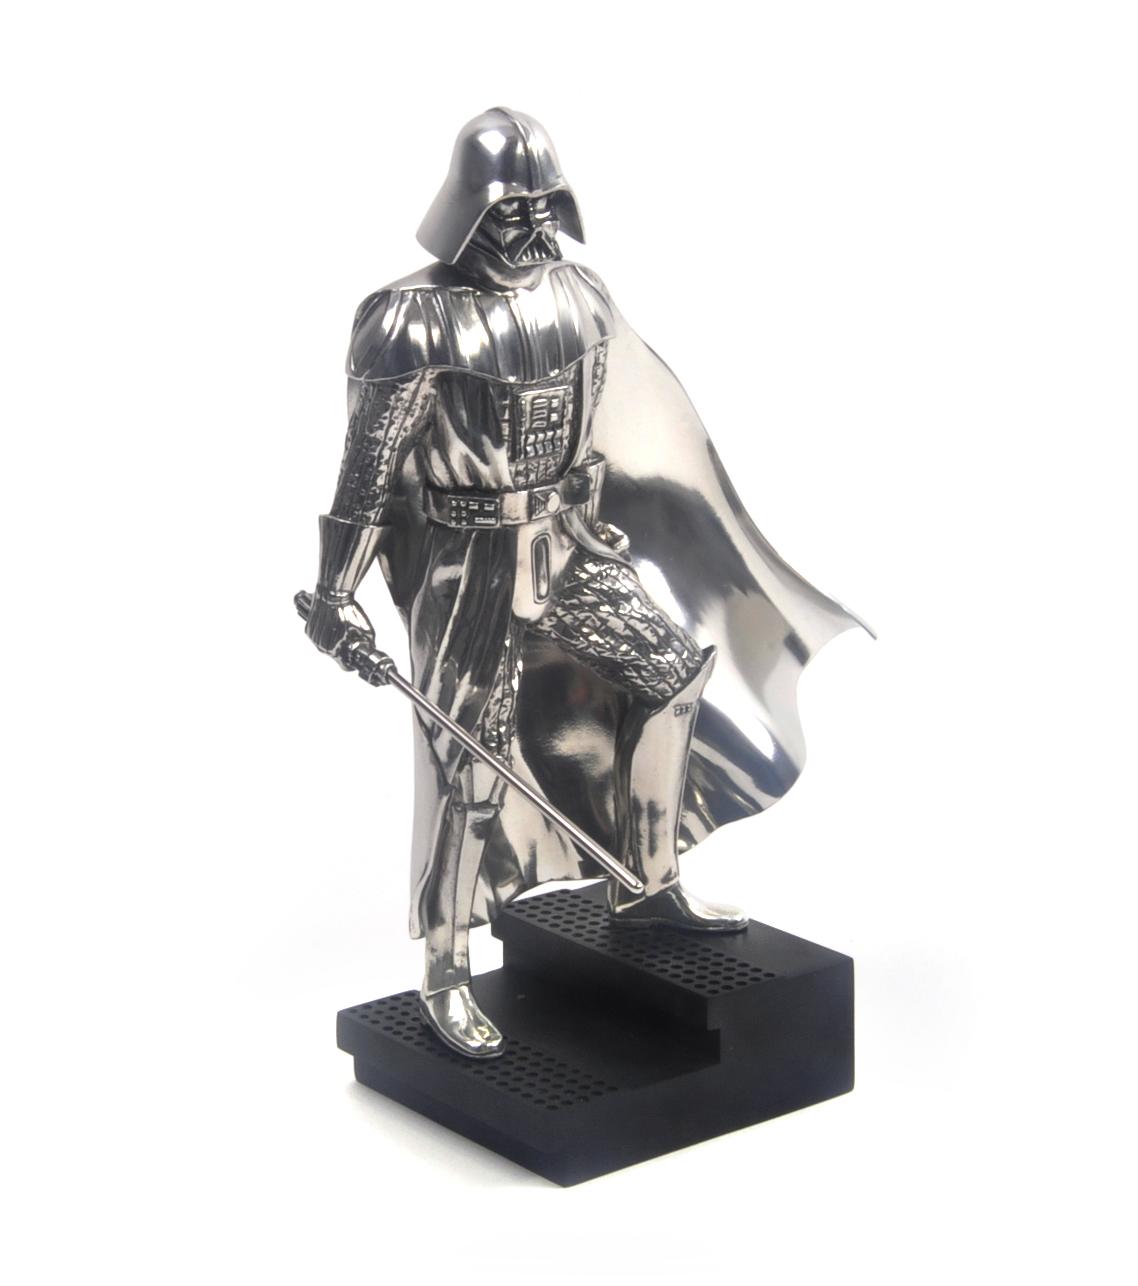 darth vader star wars ltd edition figurine by royal selangor ebay. Black Bedroom Furniture Sets. Home Design Ideas